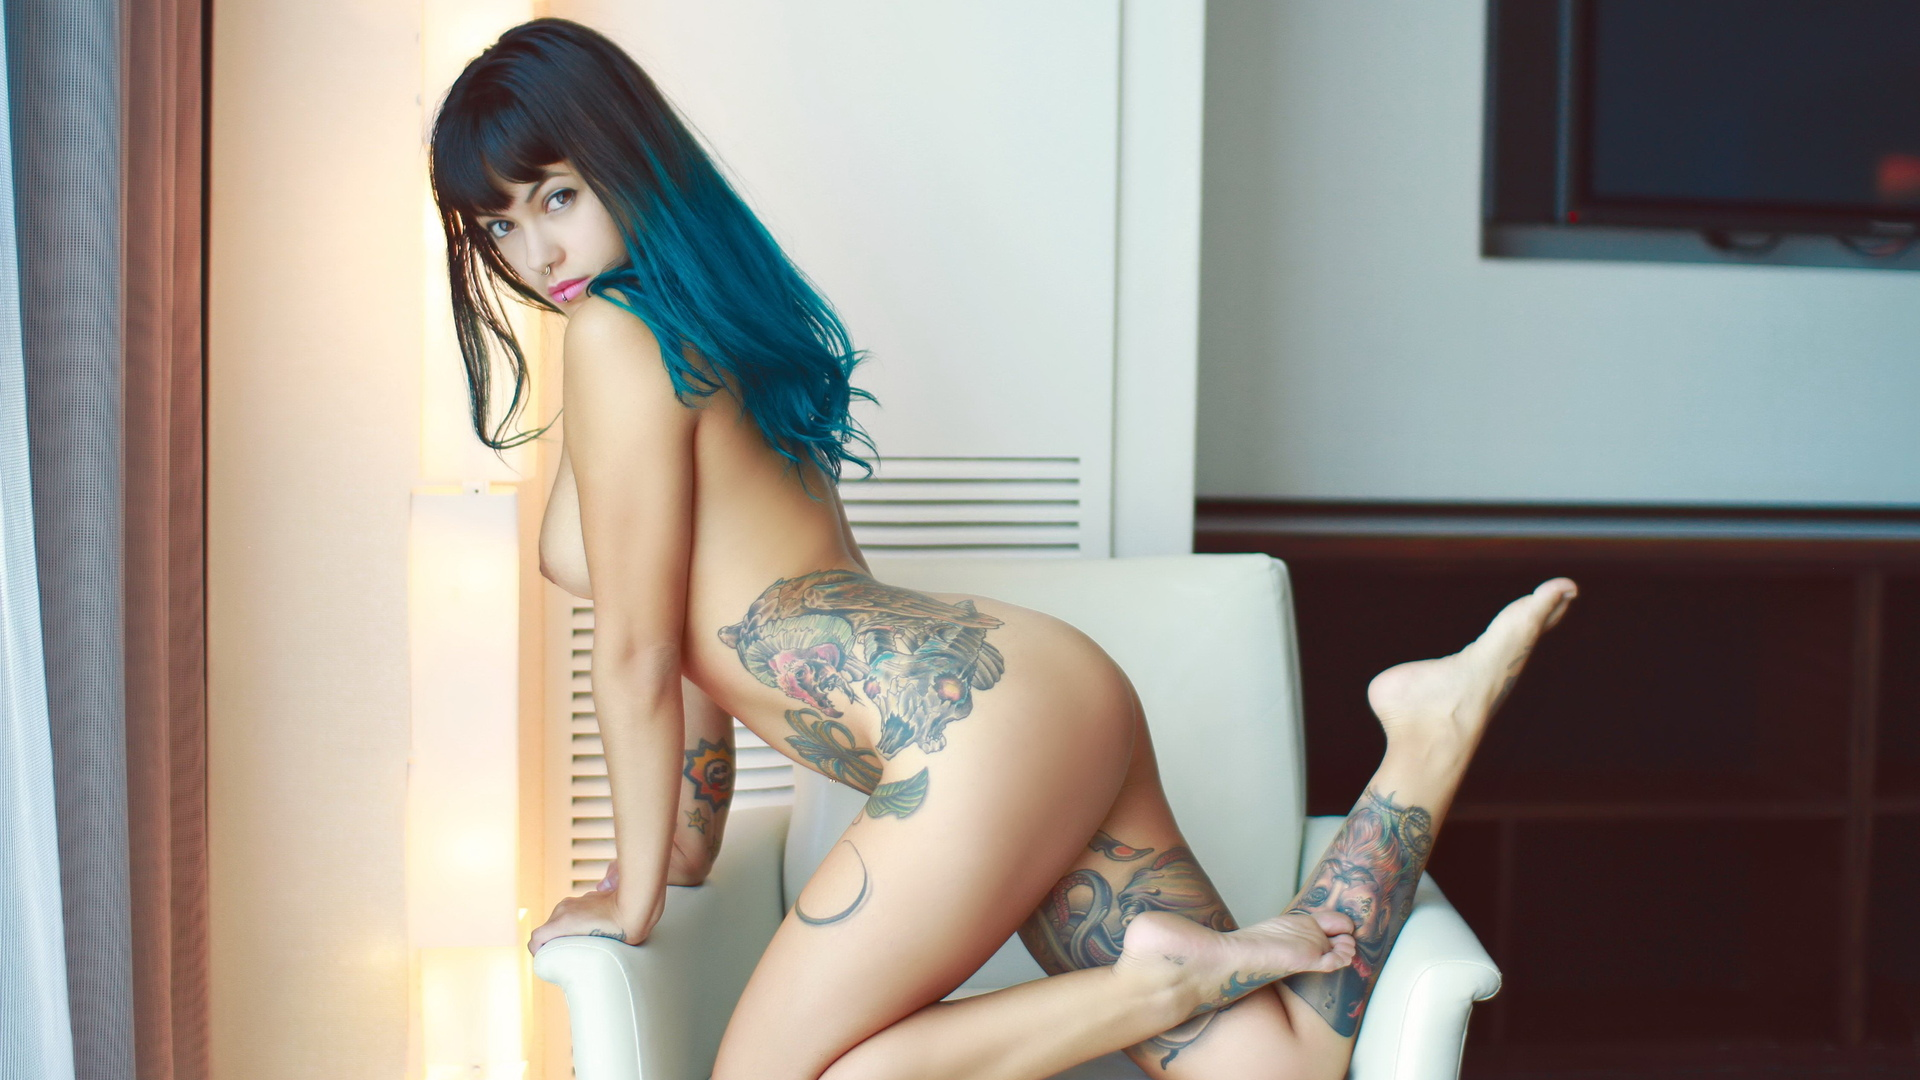 bixton, брюнетка, грудь, попа, тату, пирсинг, клоун, девушки, синие волосы, стоя на коленях, татуировки, ноги, татуировки